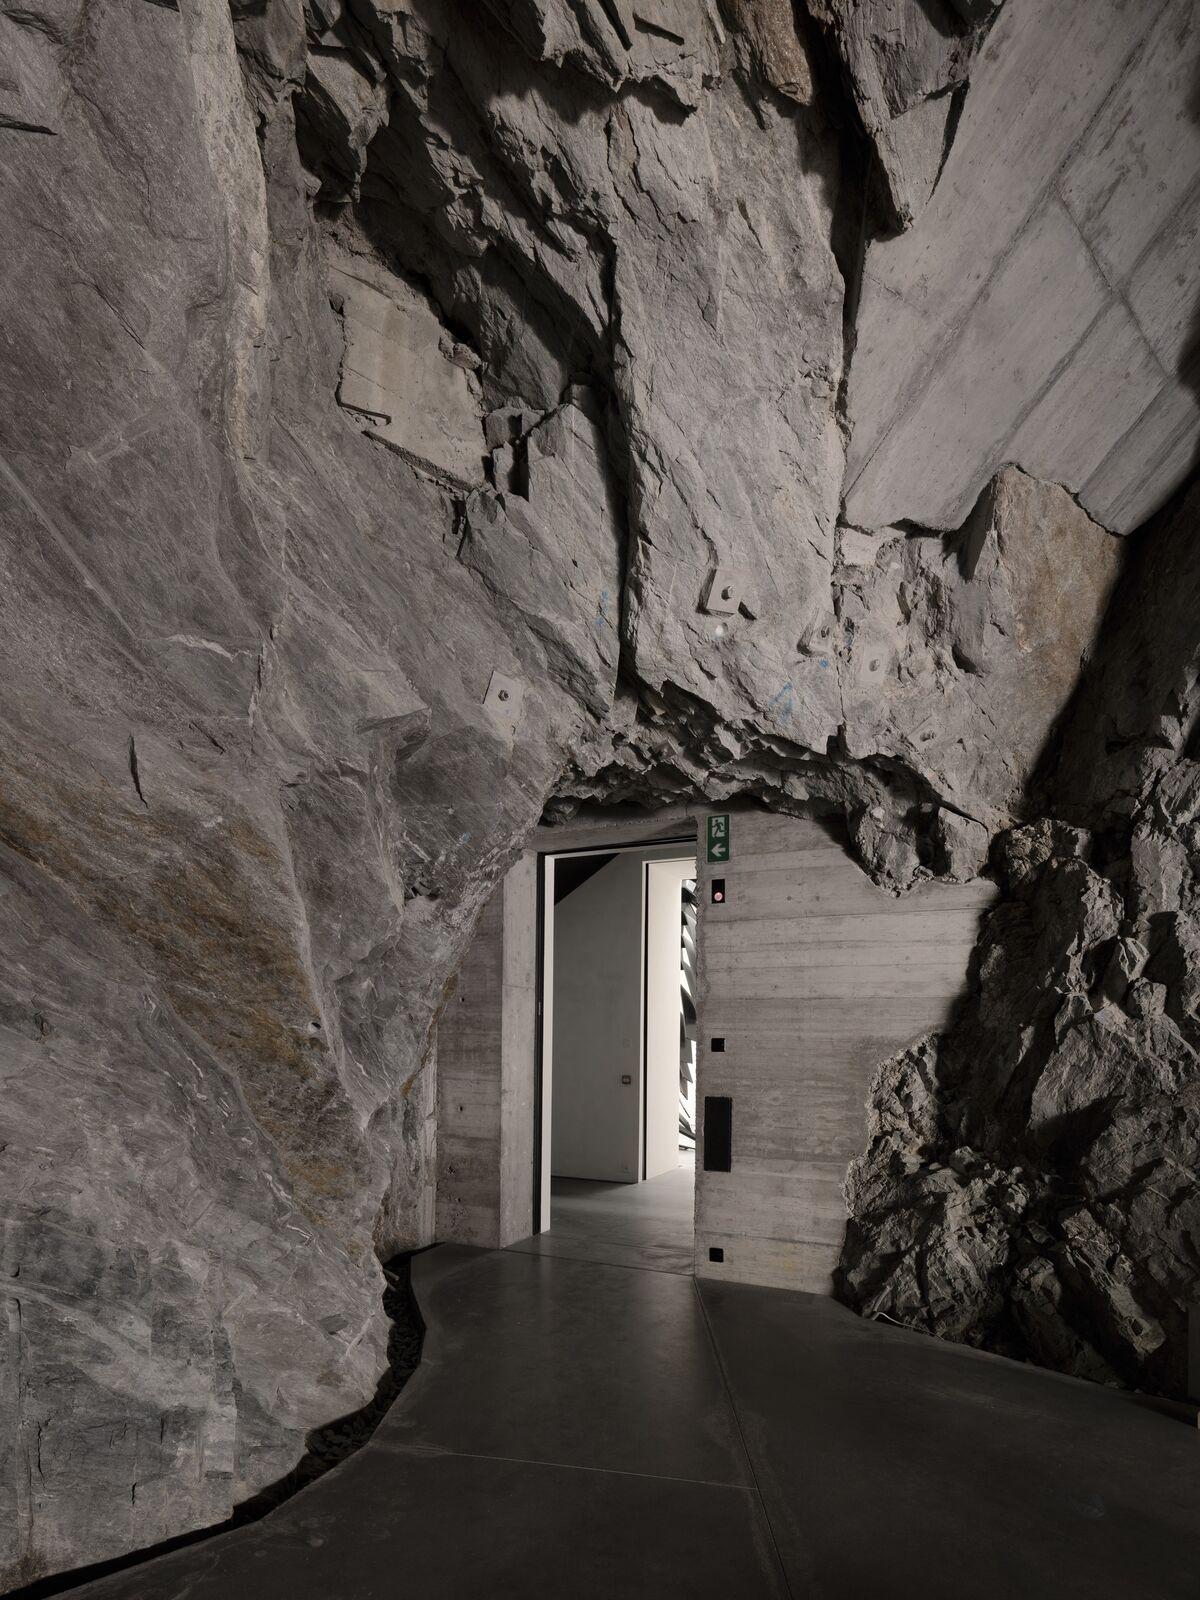 Muzeum Susch (interior views), Switzerland. Images © Studio Stefano Graziani. Courtesy of Muzeum Susch, Art Stations Foundation, CH.